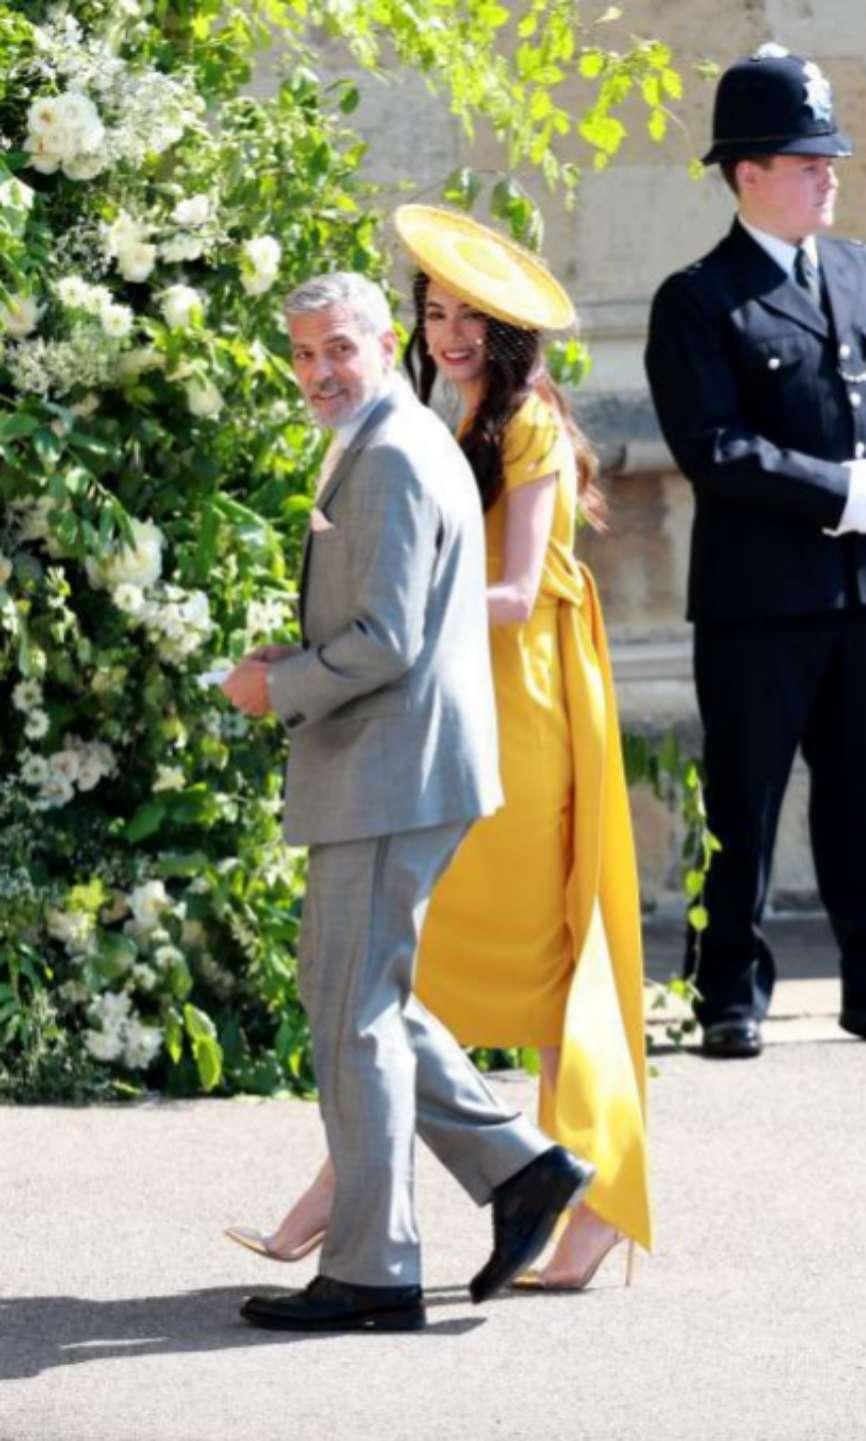 Hollywood ha tenido una gran representación en Windsor: entre los más aclamados, la estrella George Clooney y su esposa, la abogada Amal